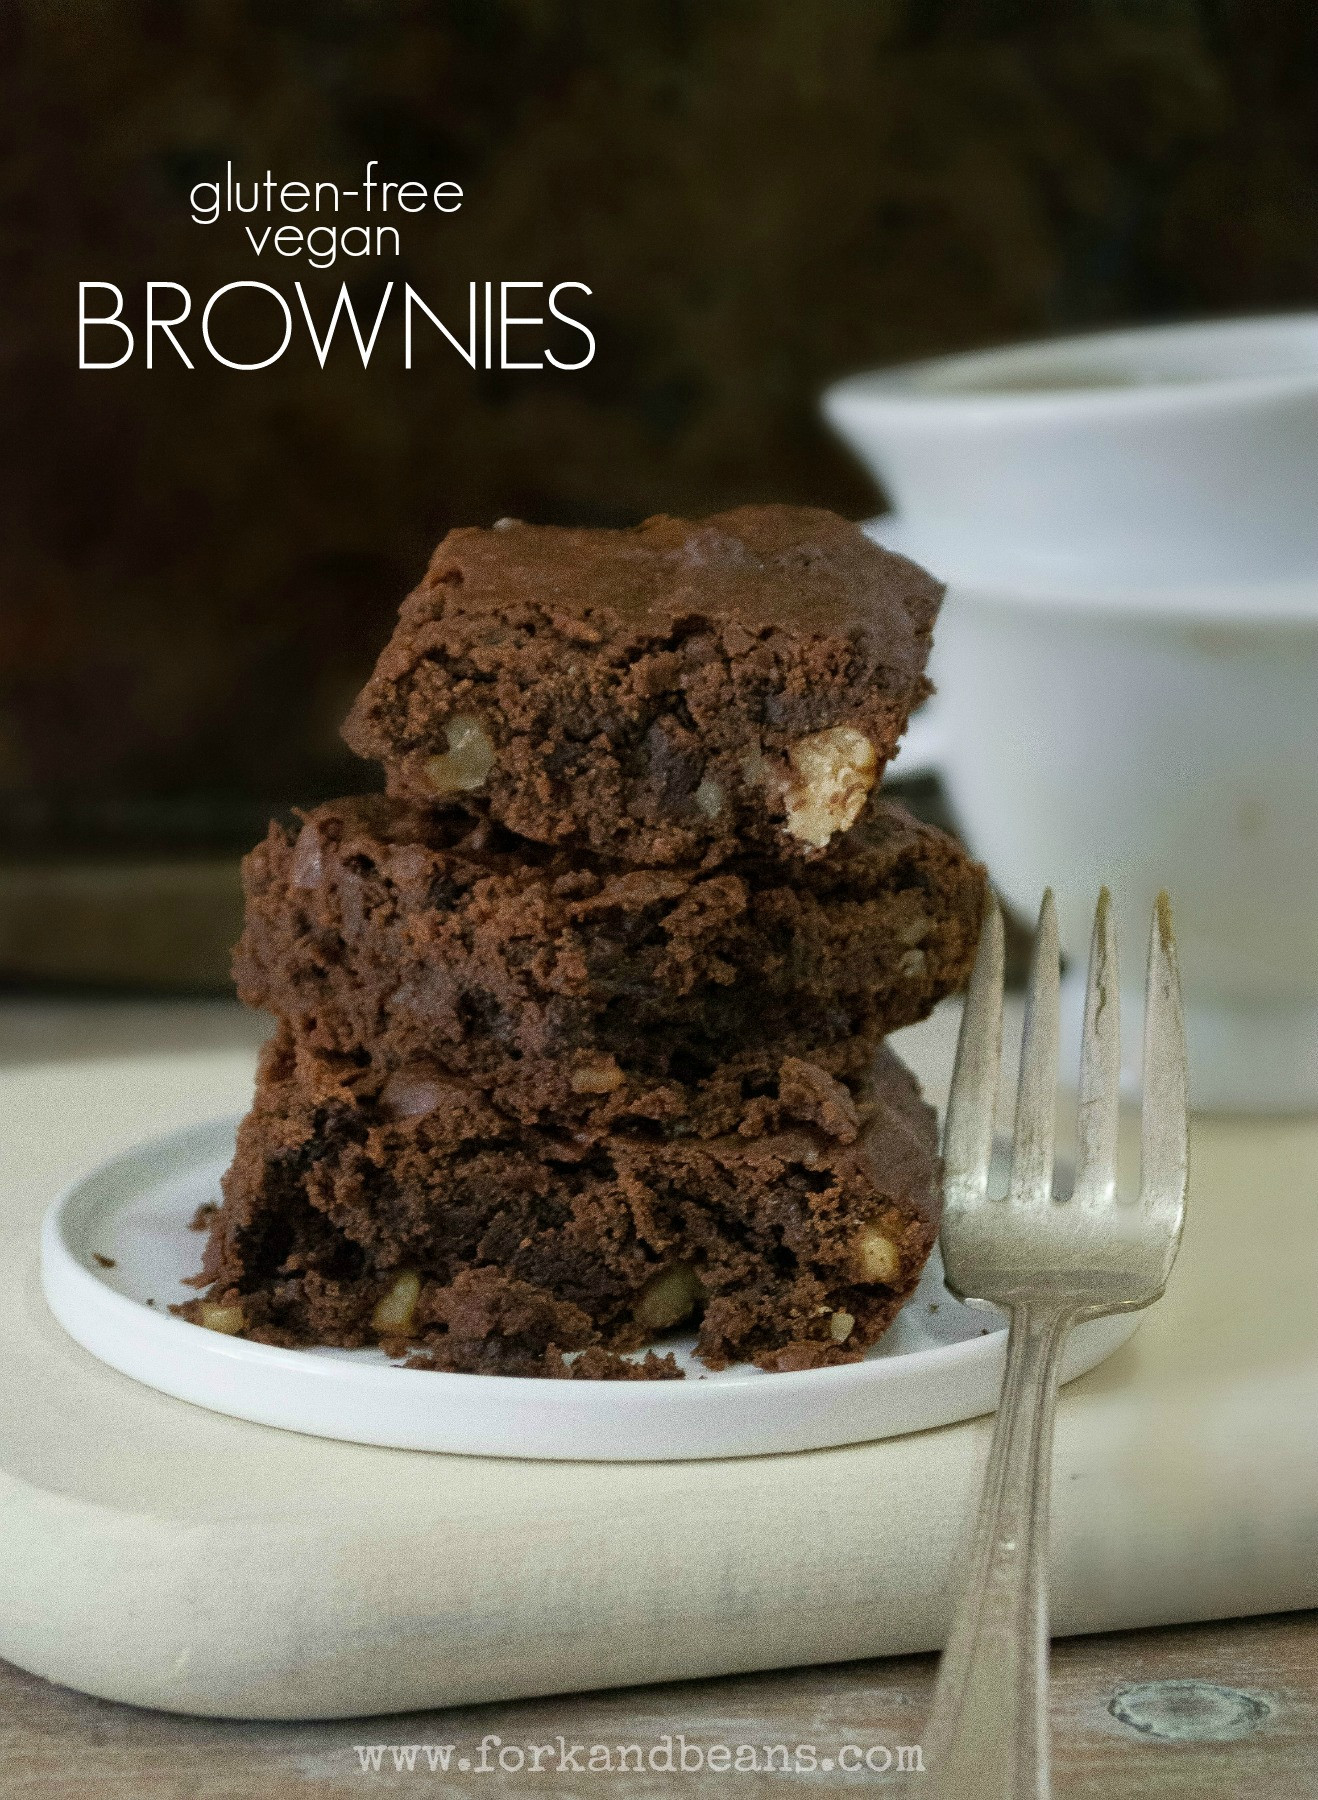 Vegan Gluten Free Brownies  The Best Gluten Free & Vegan Brownies Fork and Beans